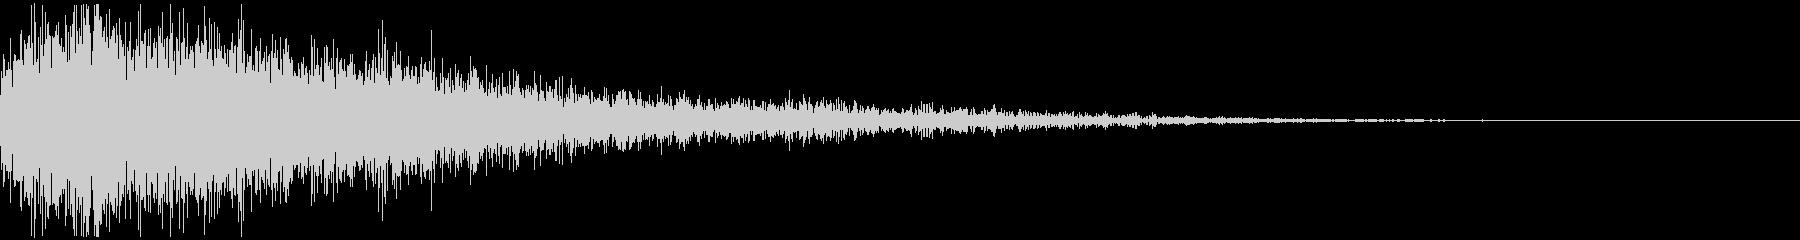 インパクトのある衝突音・衝撃音2の未再生の波形